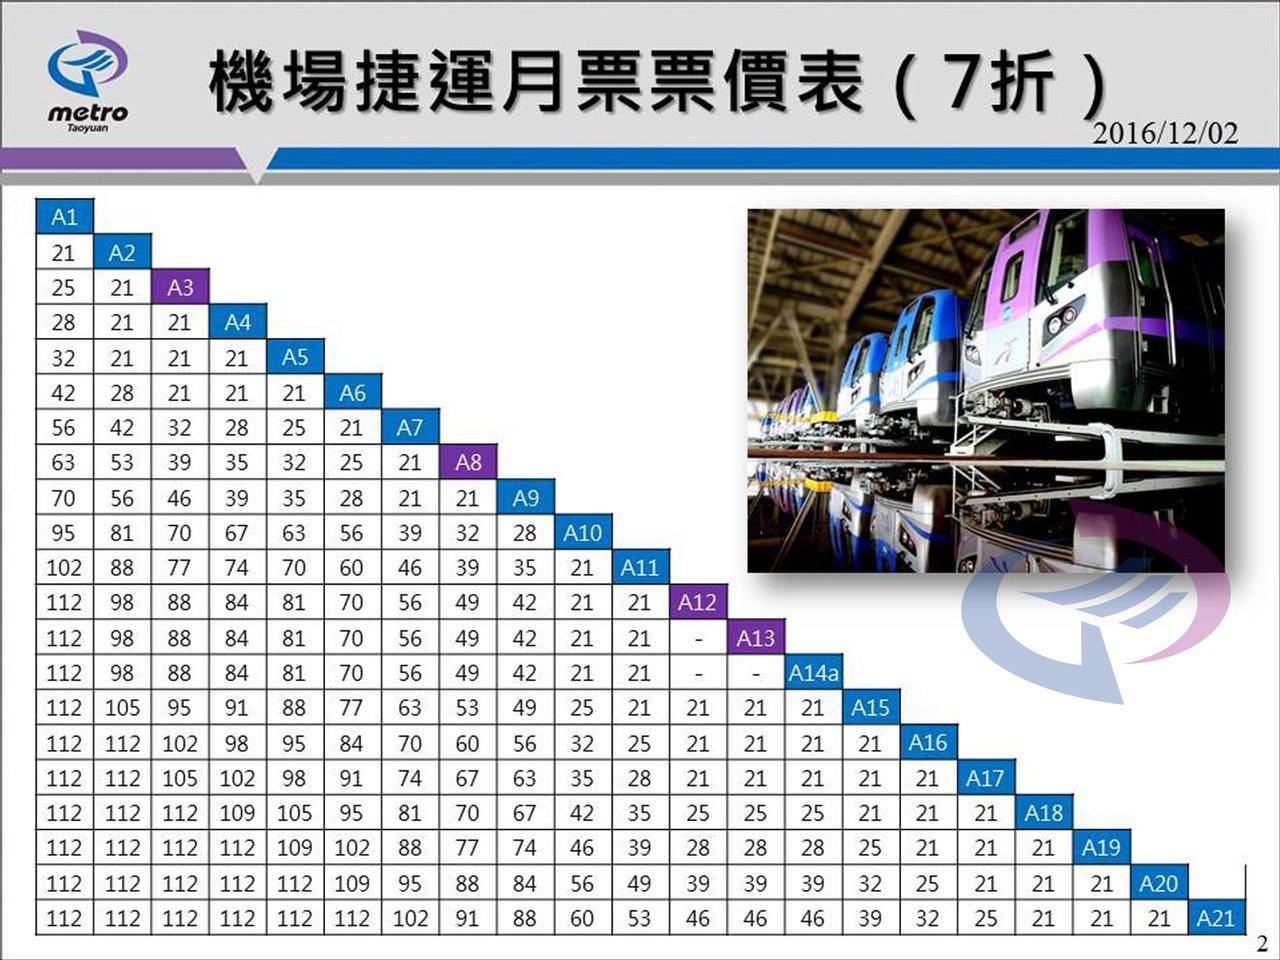 機場捷運月票票價表(7折) 桃捷公司 / 提供